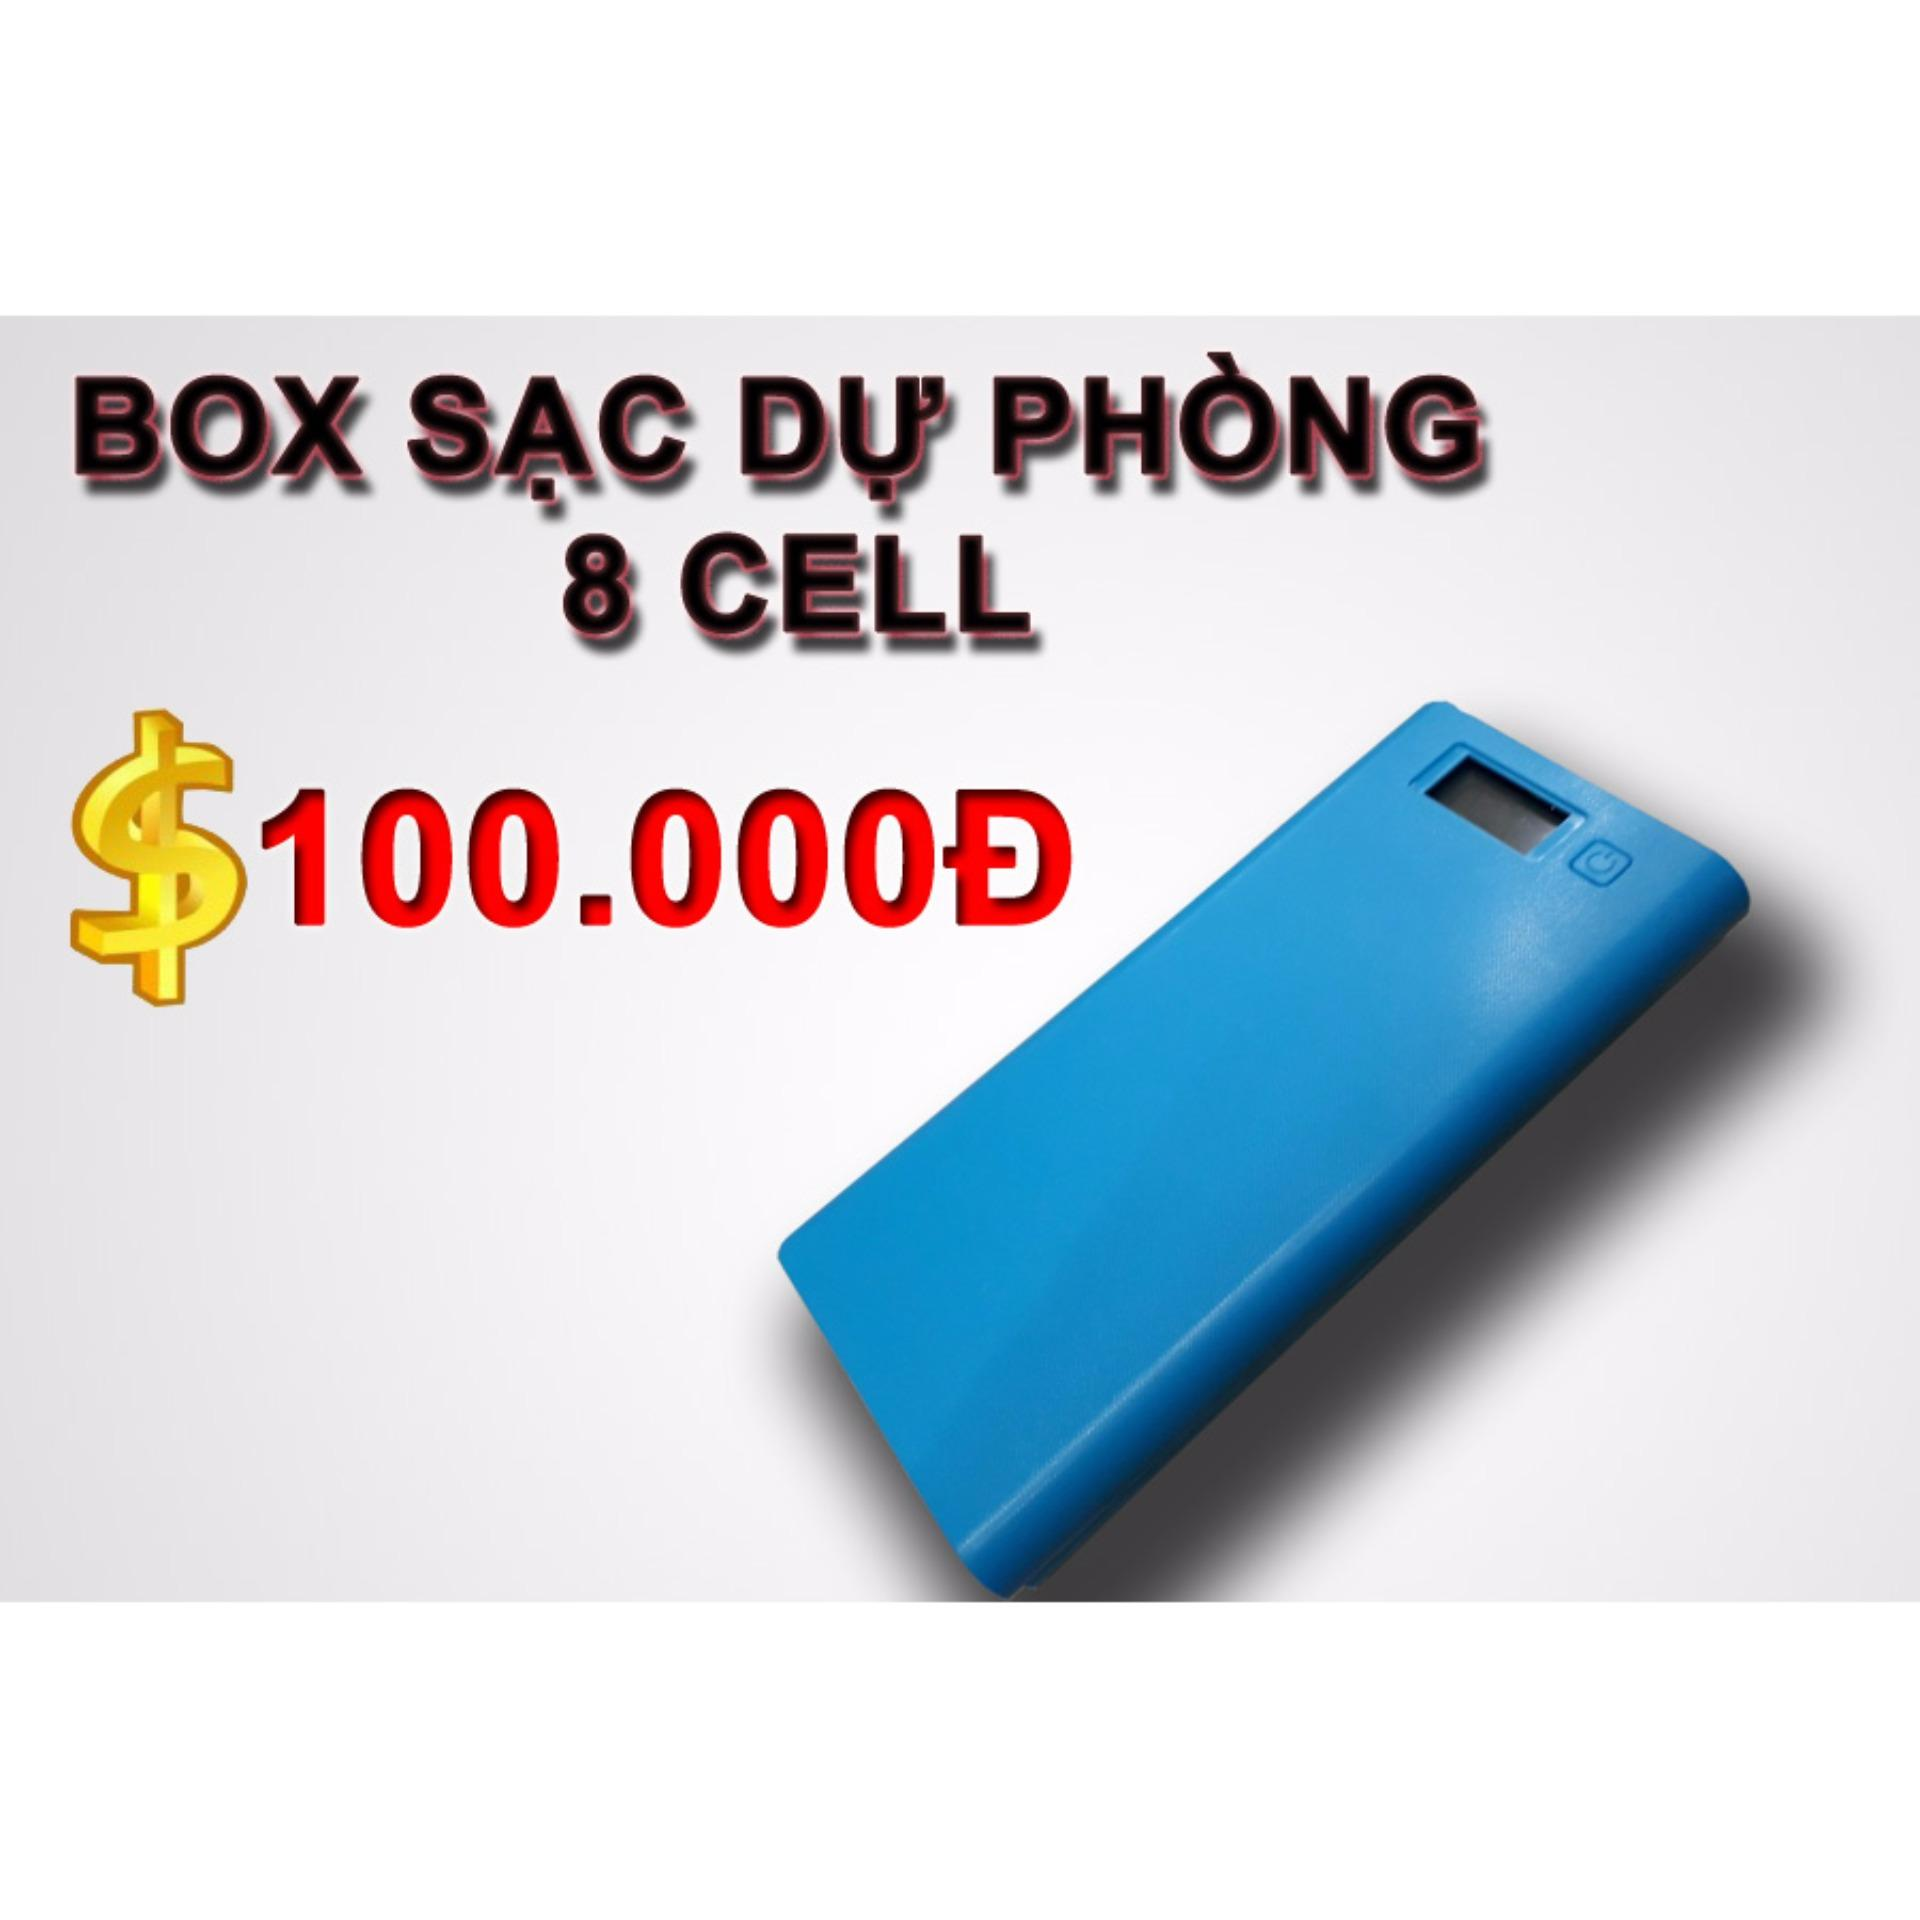 Box sạc dự phòng 8 cell LCD